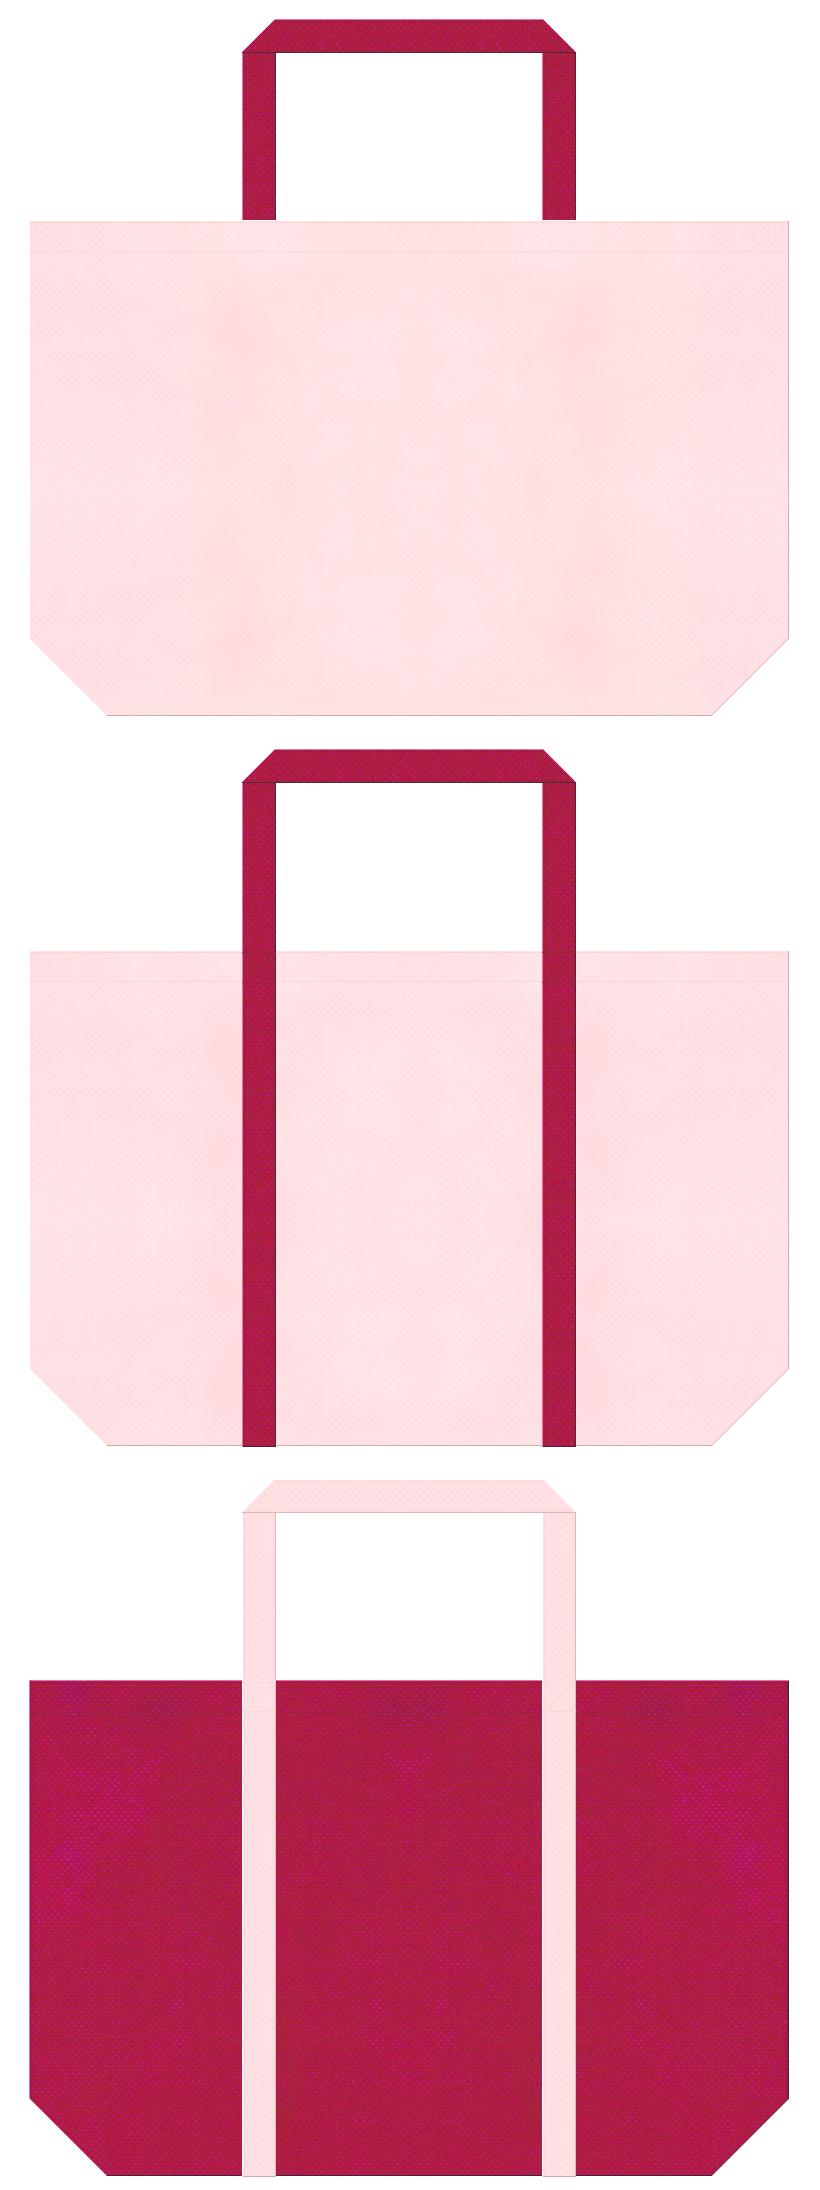 医療・入園・入学・七五三・ひな祭り・母の日・和風催事・キッズイベント・いちご・桜・花束・マーメイド・プリティー・ピエロ・女王様・プリンセス・ガーリーデザインにお奨めの不織布バッグデザイン:桜色と濃いピンク色のコーデ